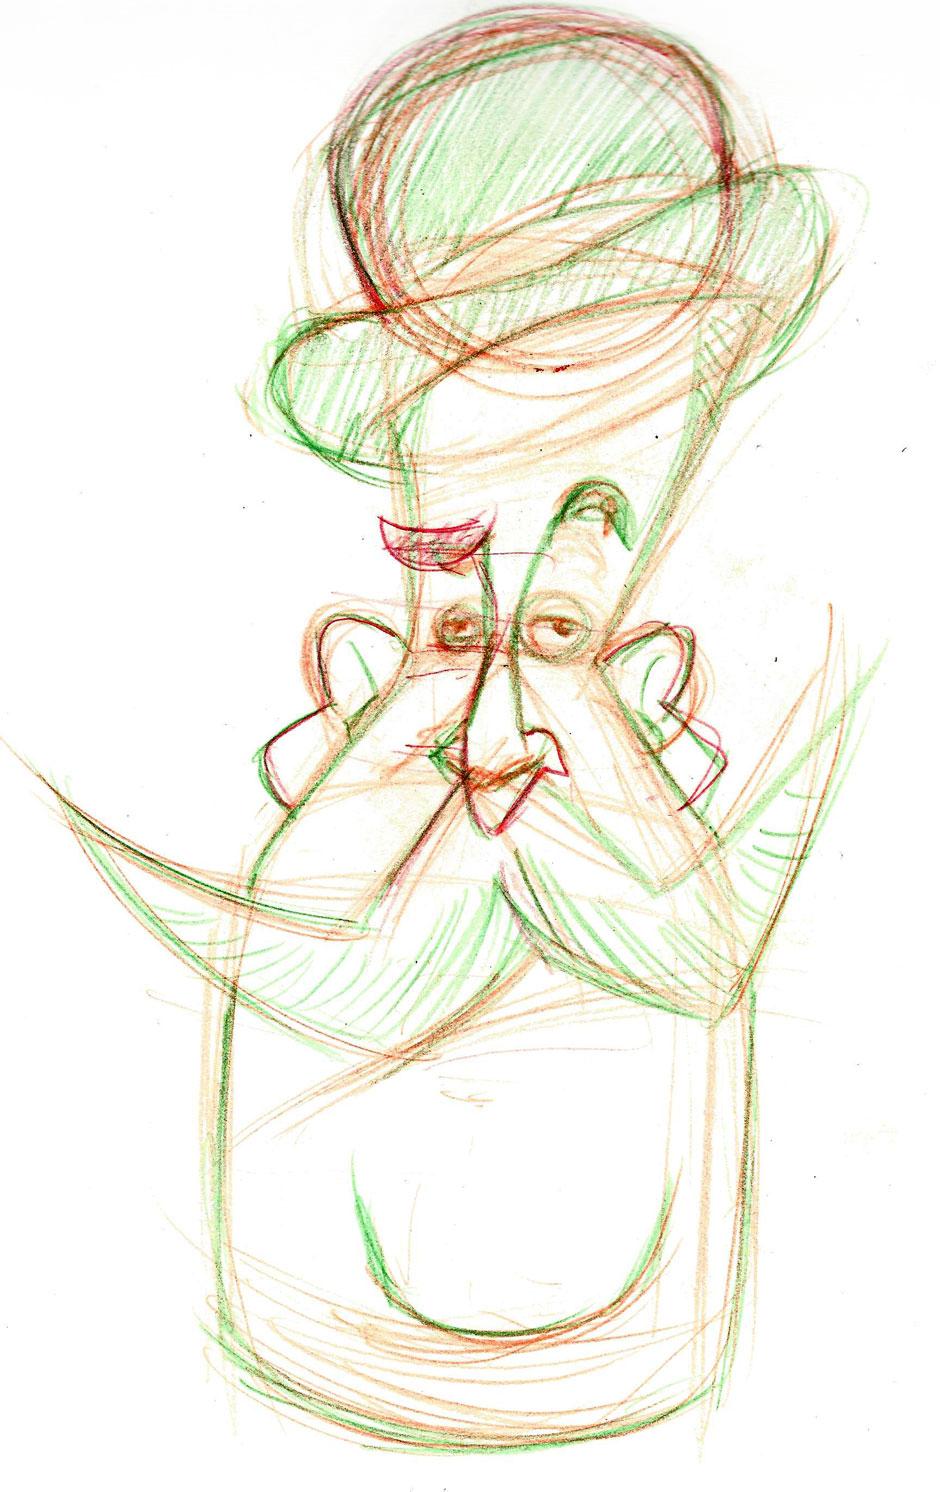 mustache-doodle-iamo-3.jpg